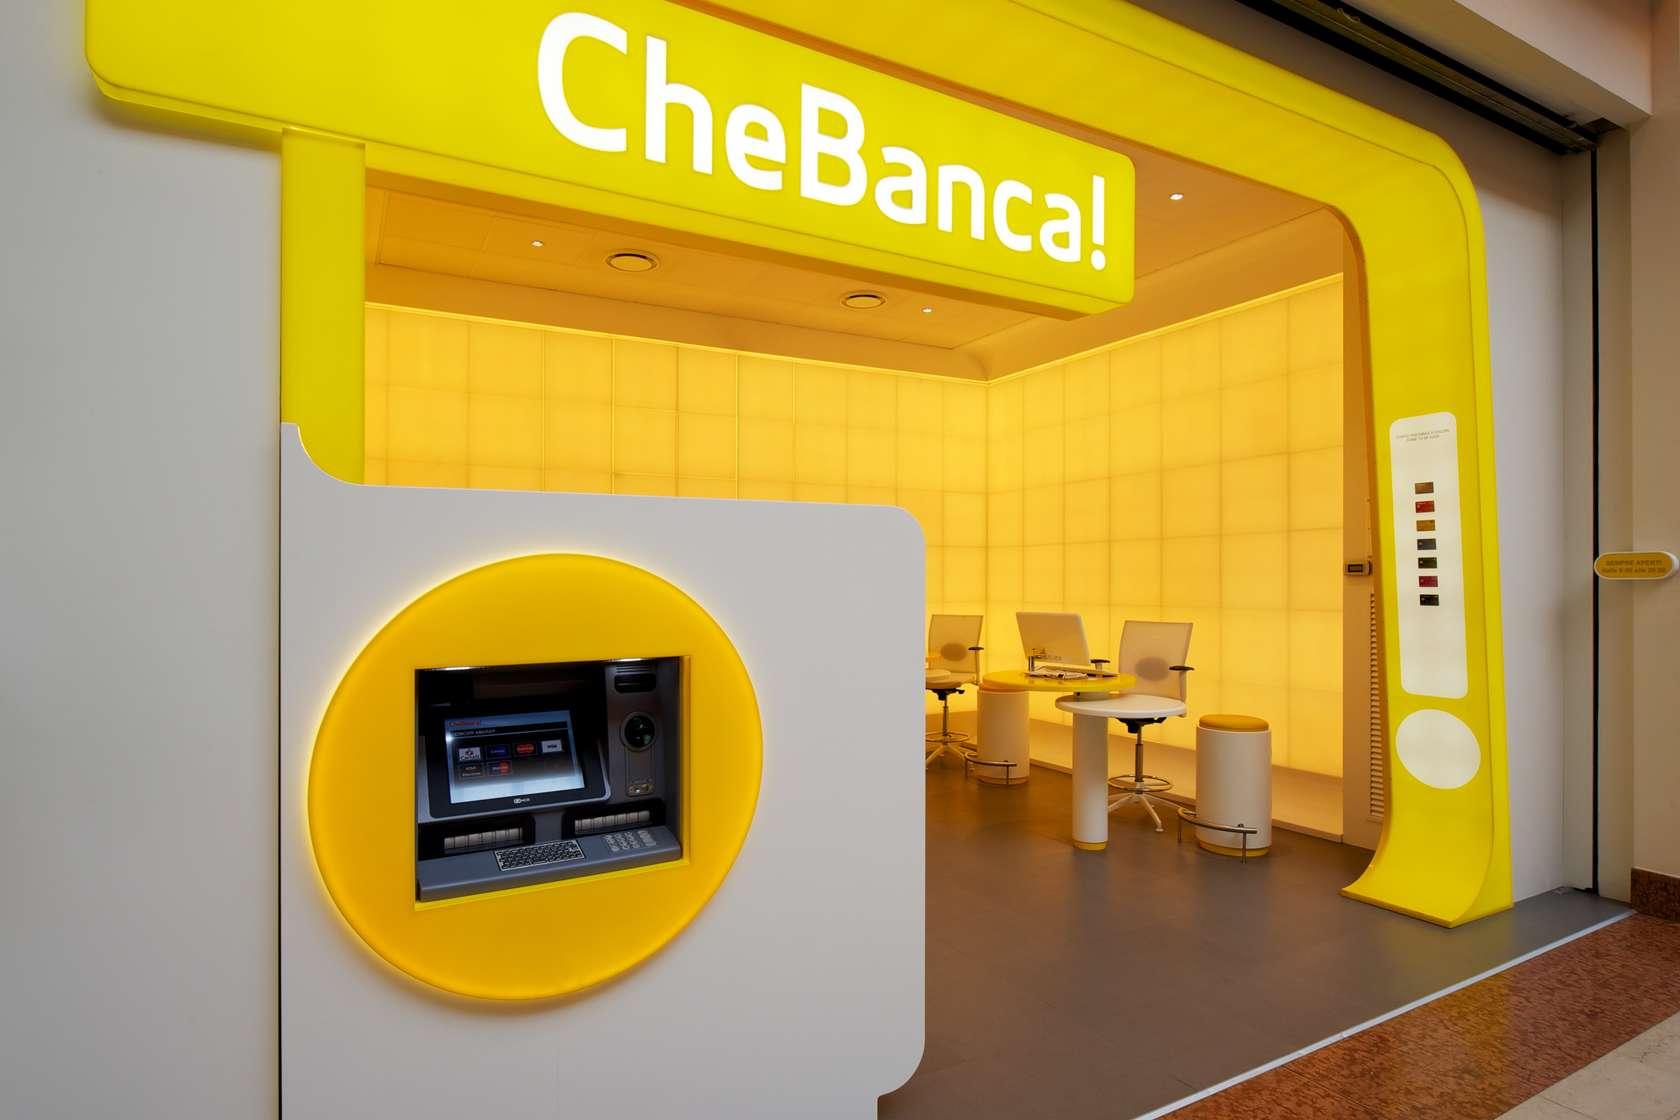 La convenienza di CheBanca! per il risparmio online